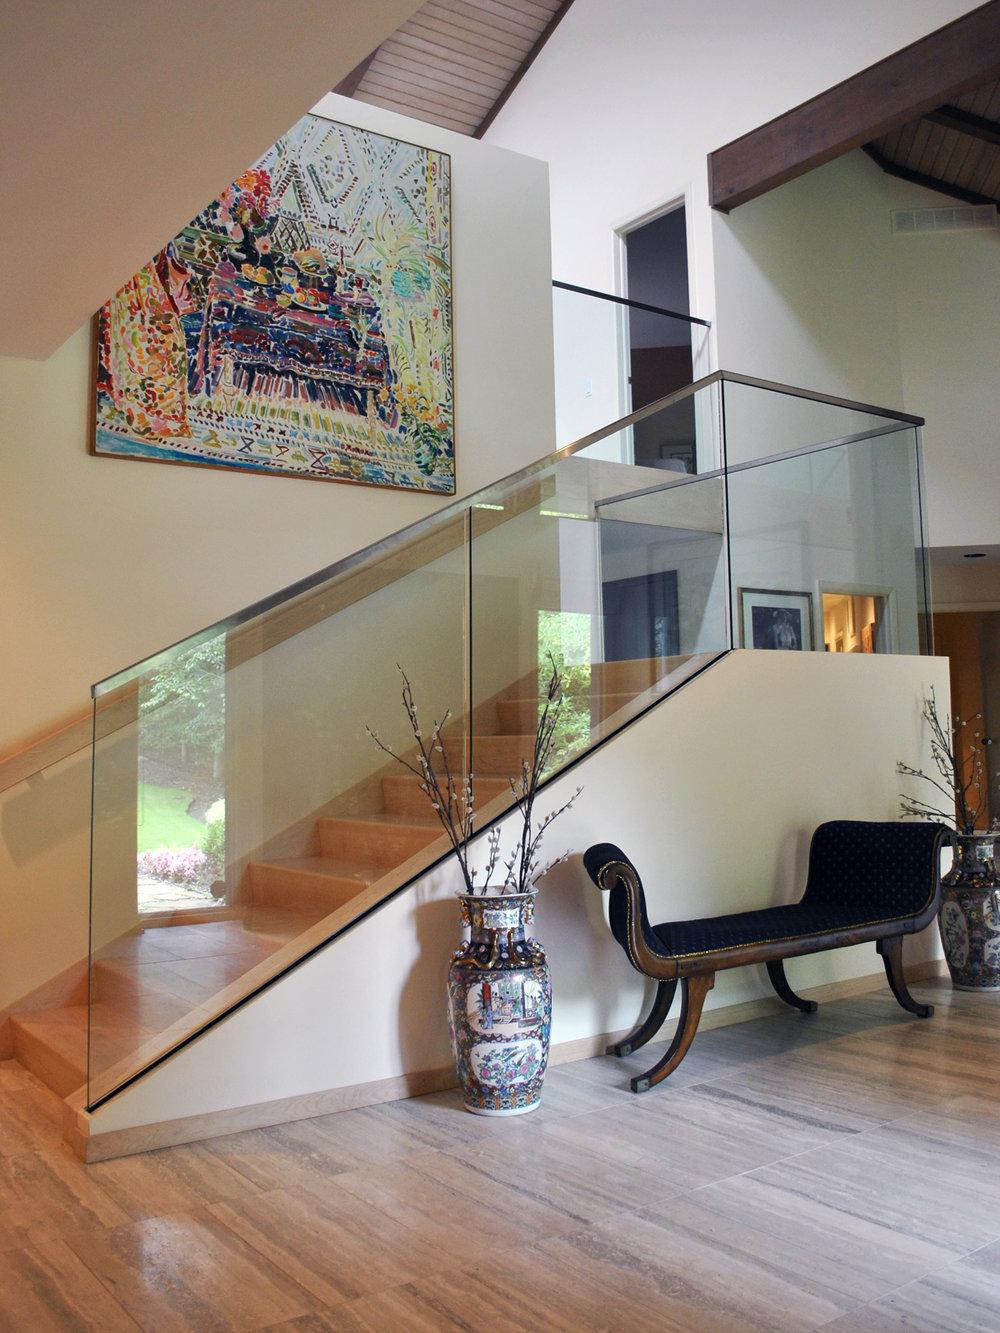 Walters_Interiors_Stair_02.jpg